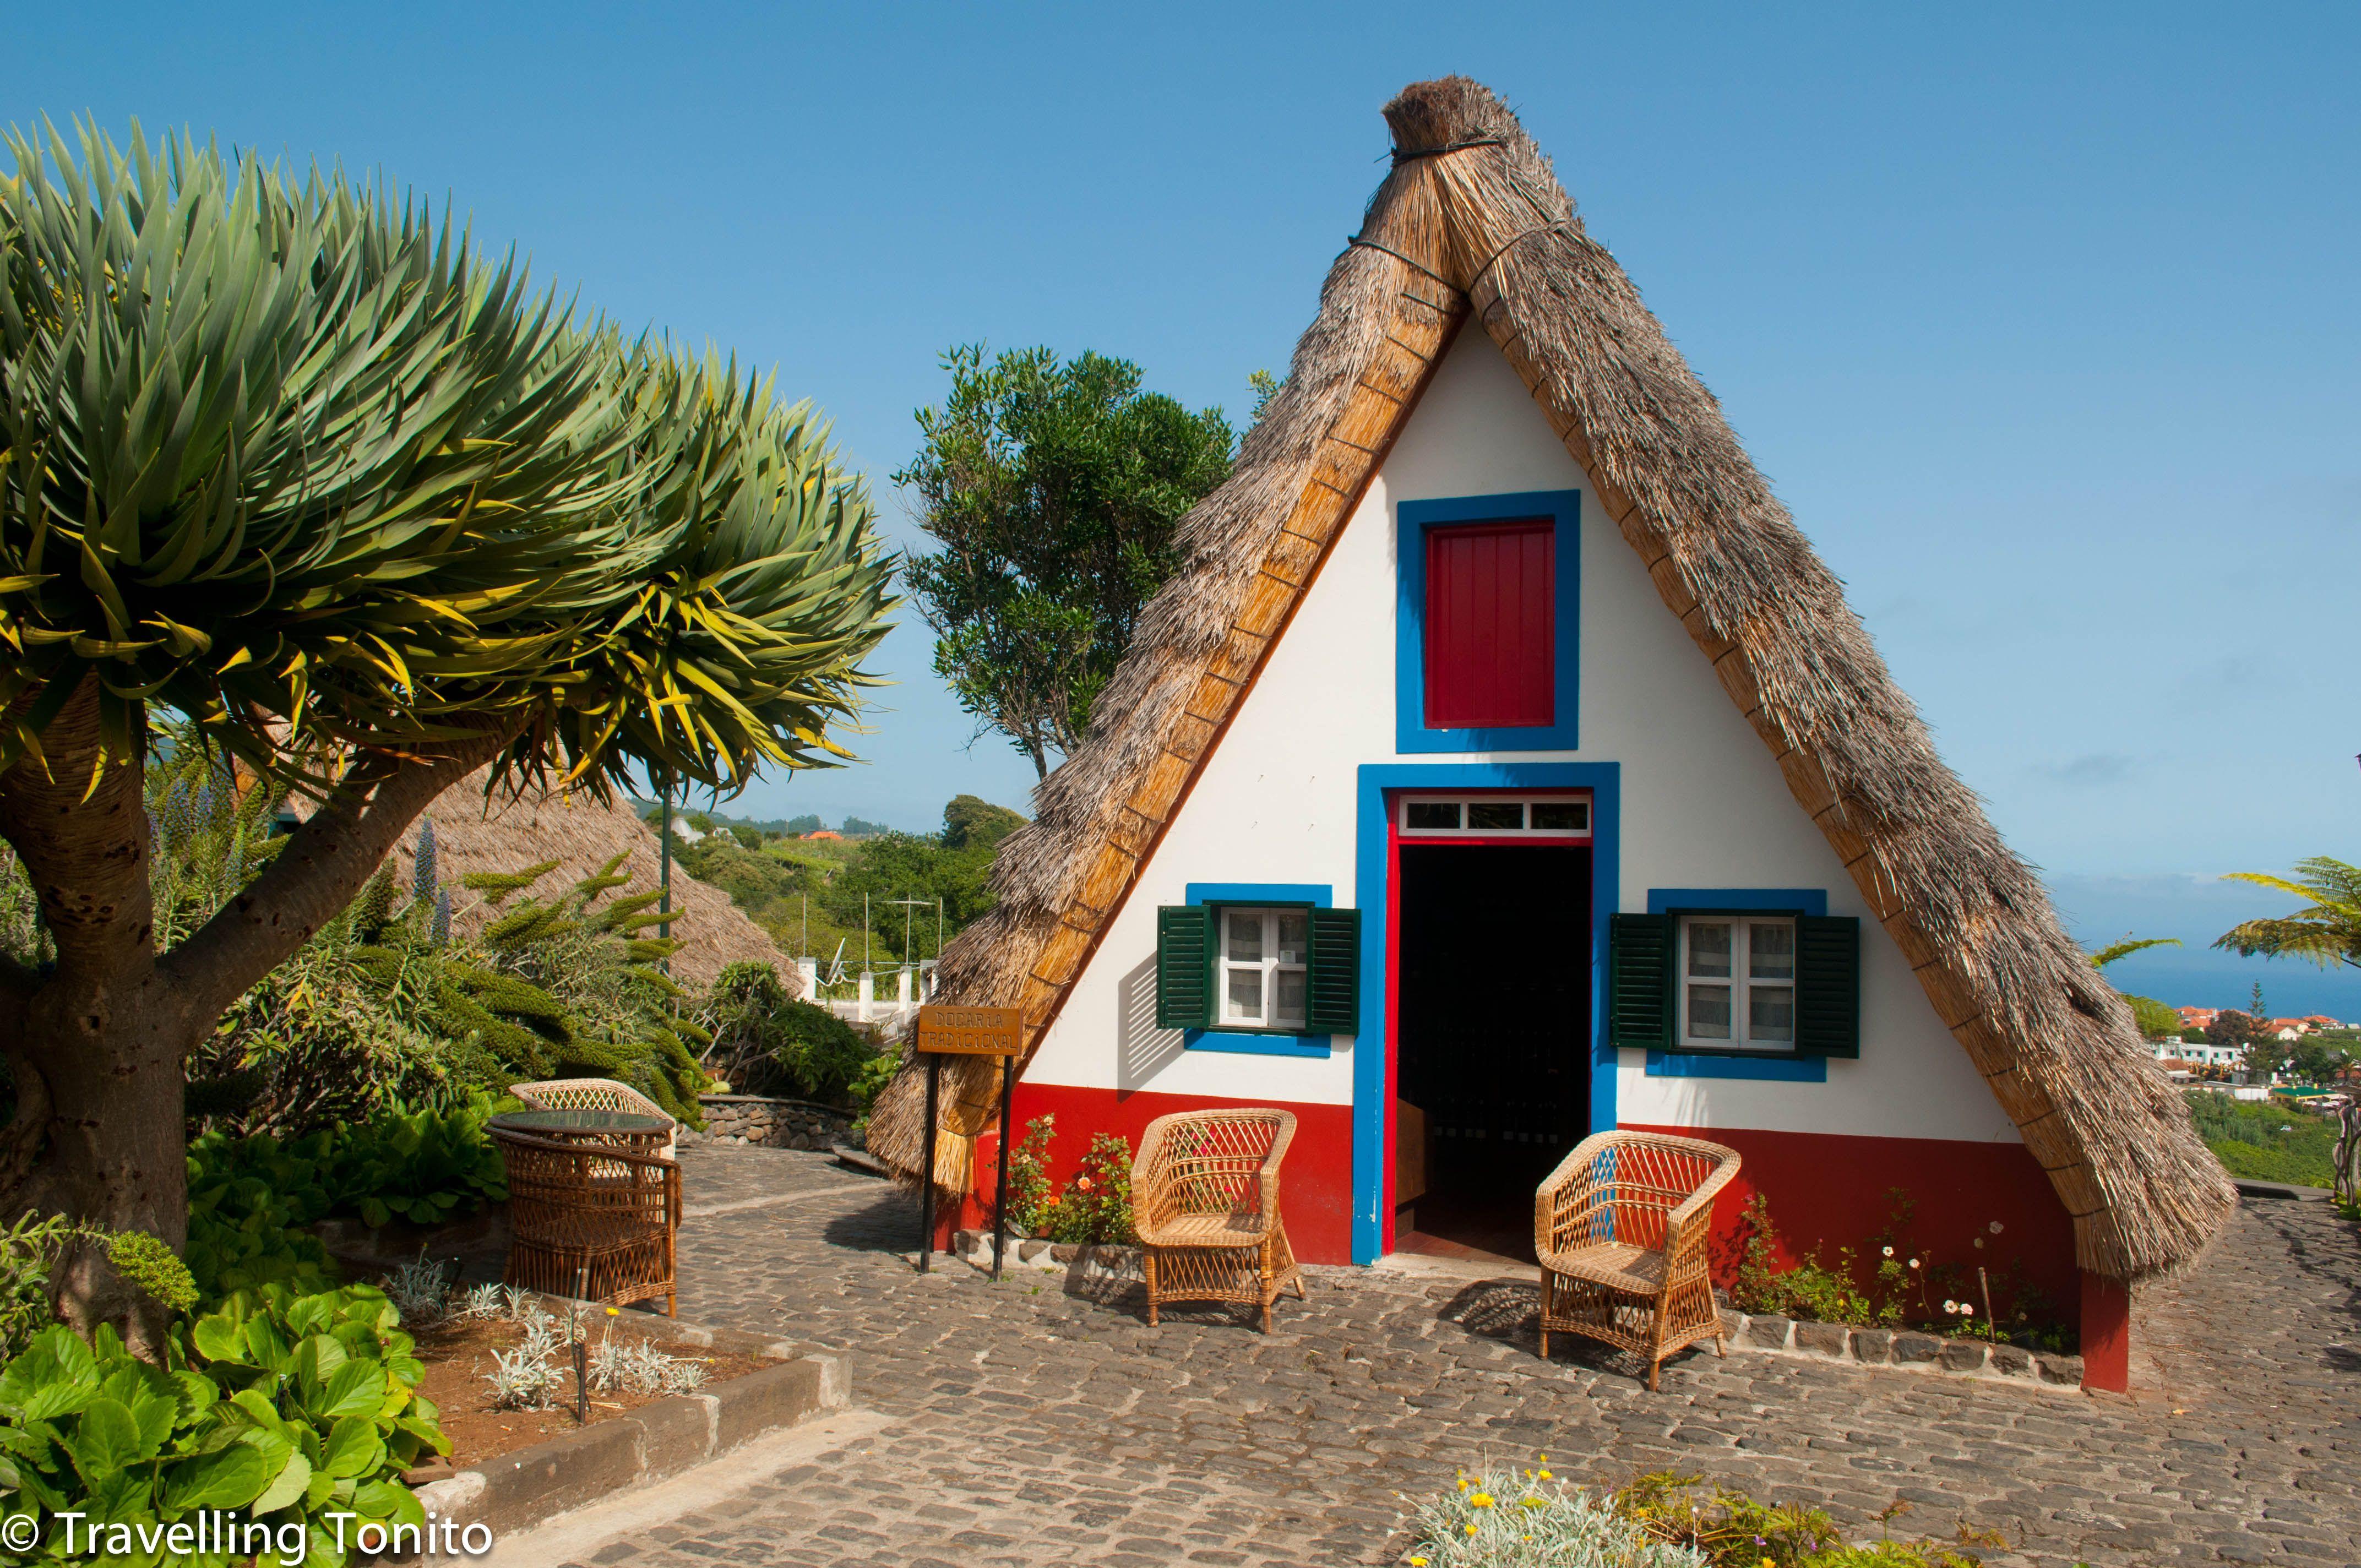 Casas de Santana, Madeira, Portugal Casas tradicionales